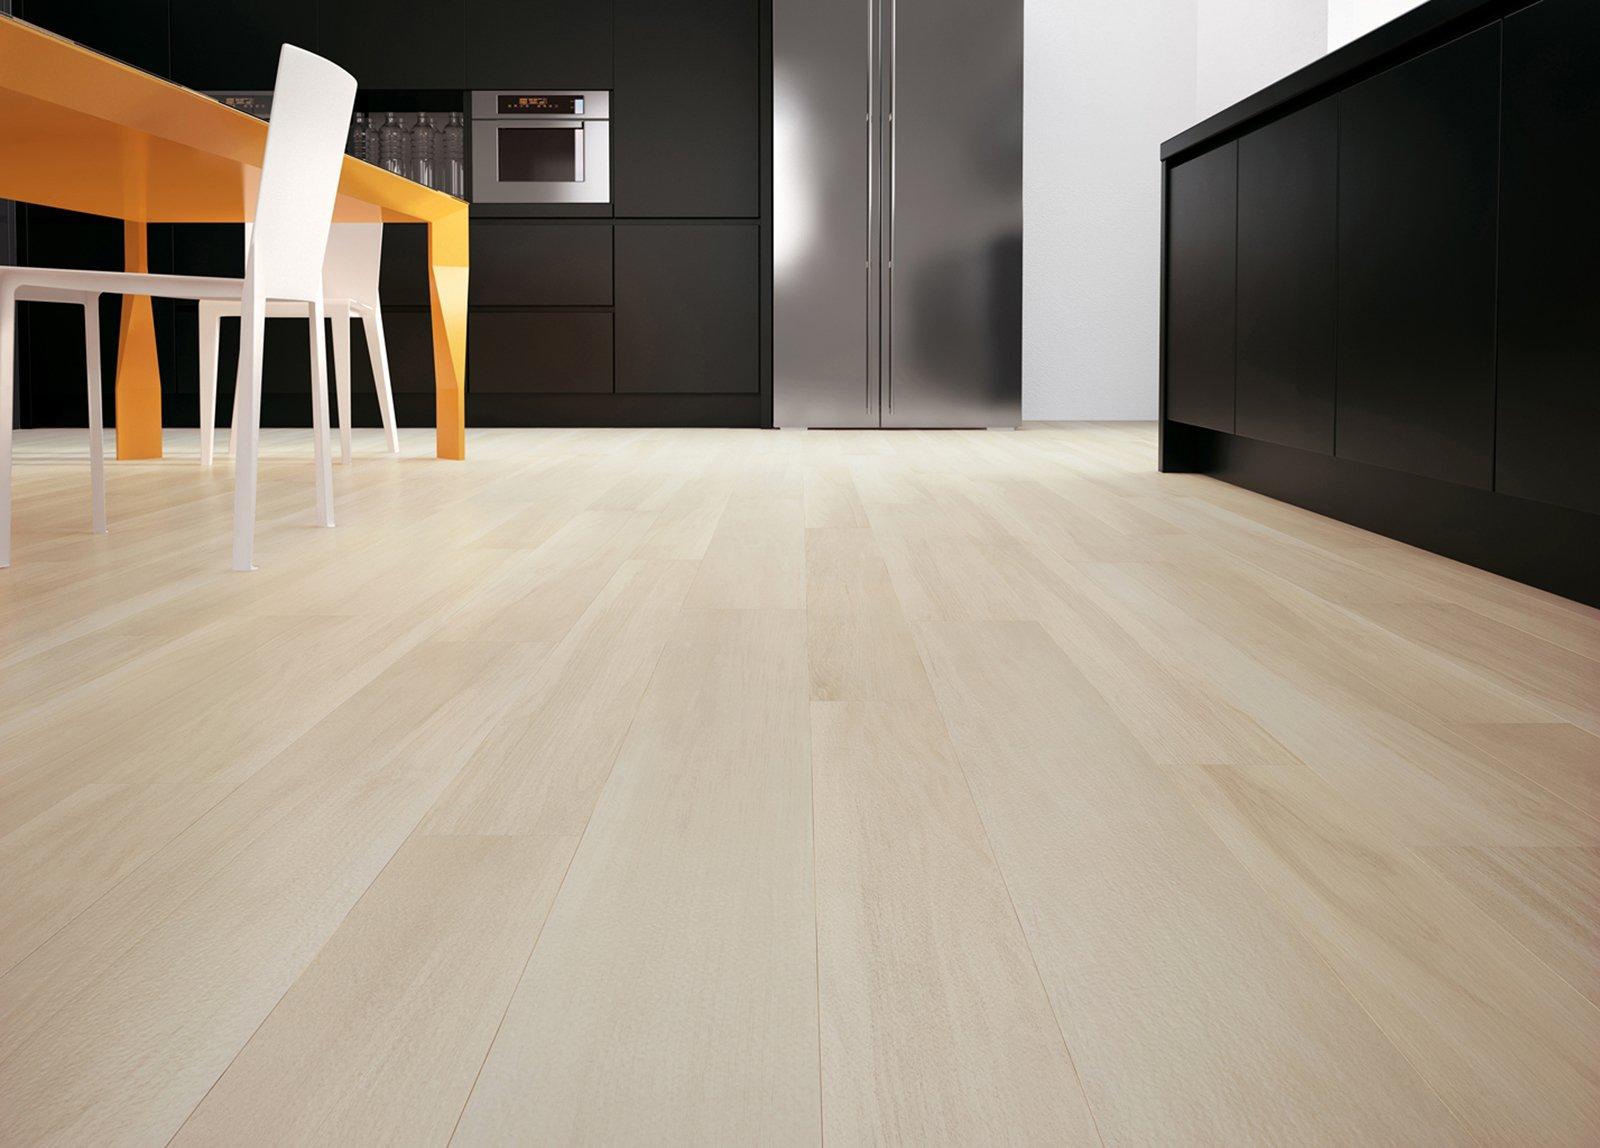 Piastrelle per il pavimento della cucina cose di casa - Posa piastrelle pavimento ...